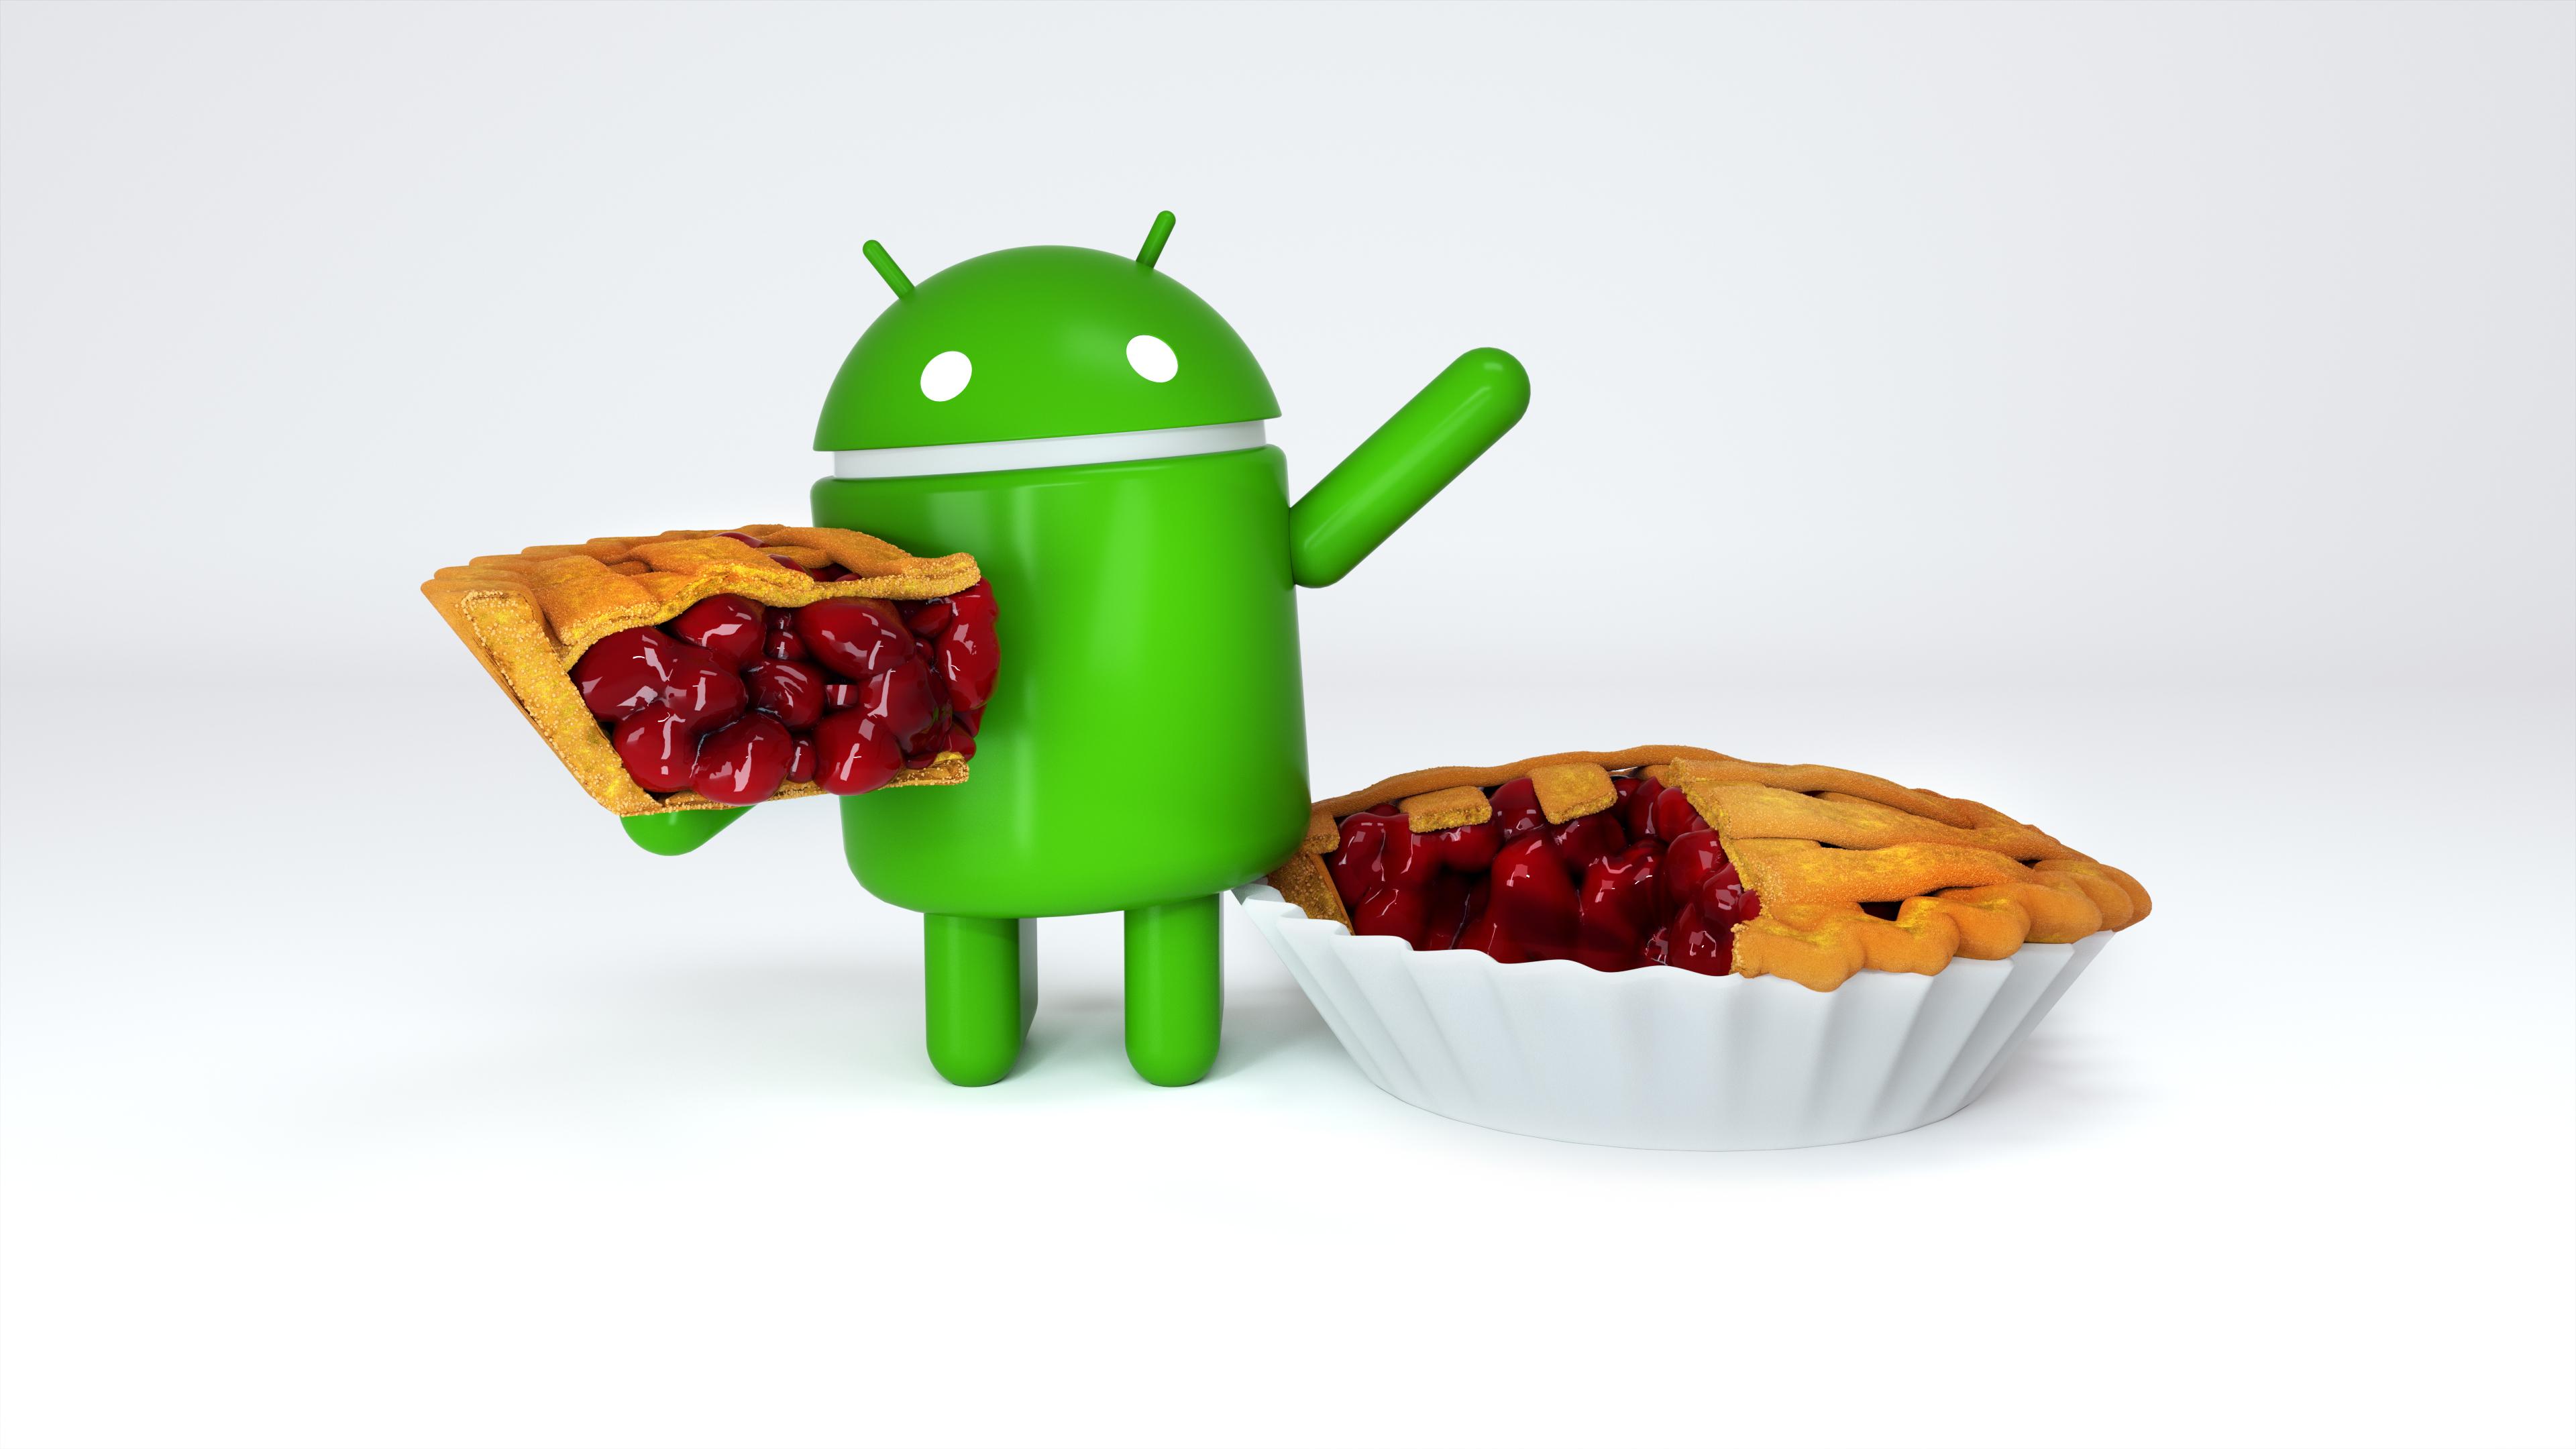 9a2db2814380db Quais as novidades do Android 9 Pie? O Android P enfim ganhou um nome  oficial e já está disponível para smartphones Pixel. A atualização do  Android será ...